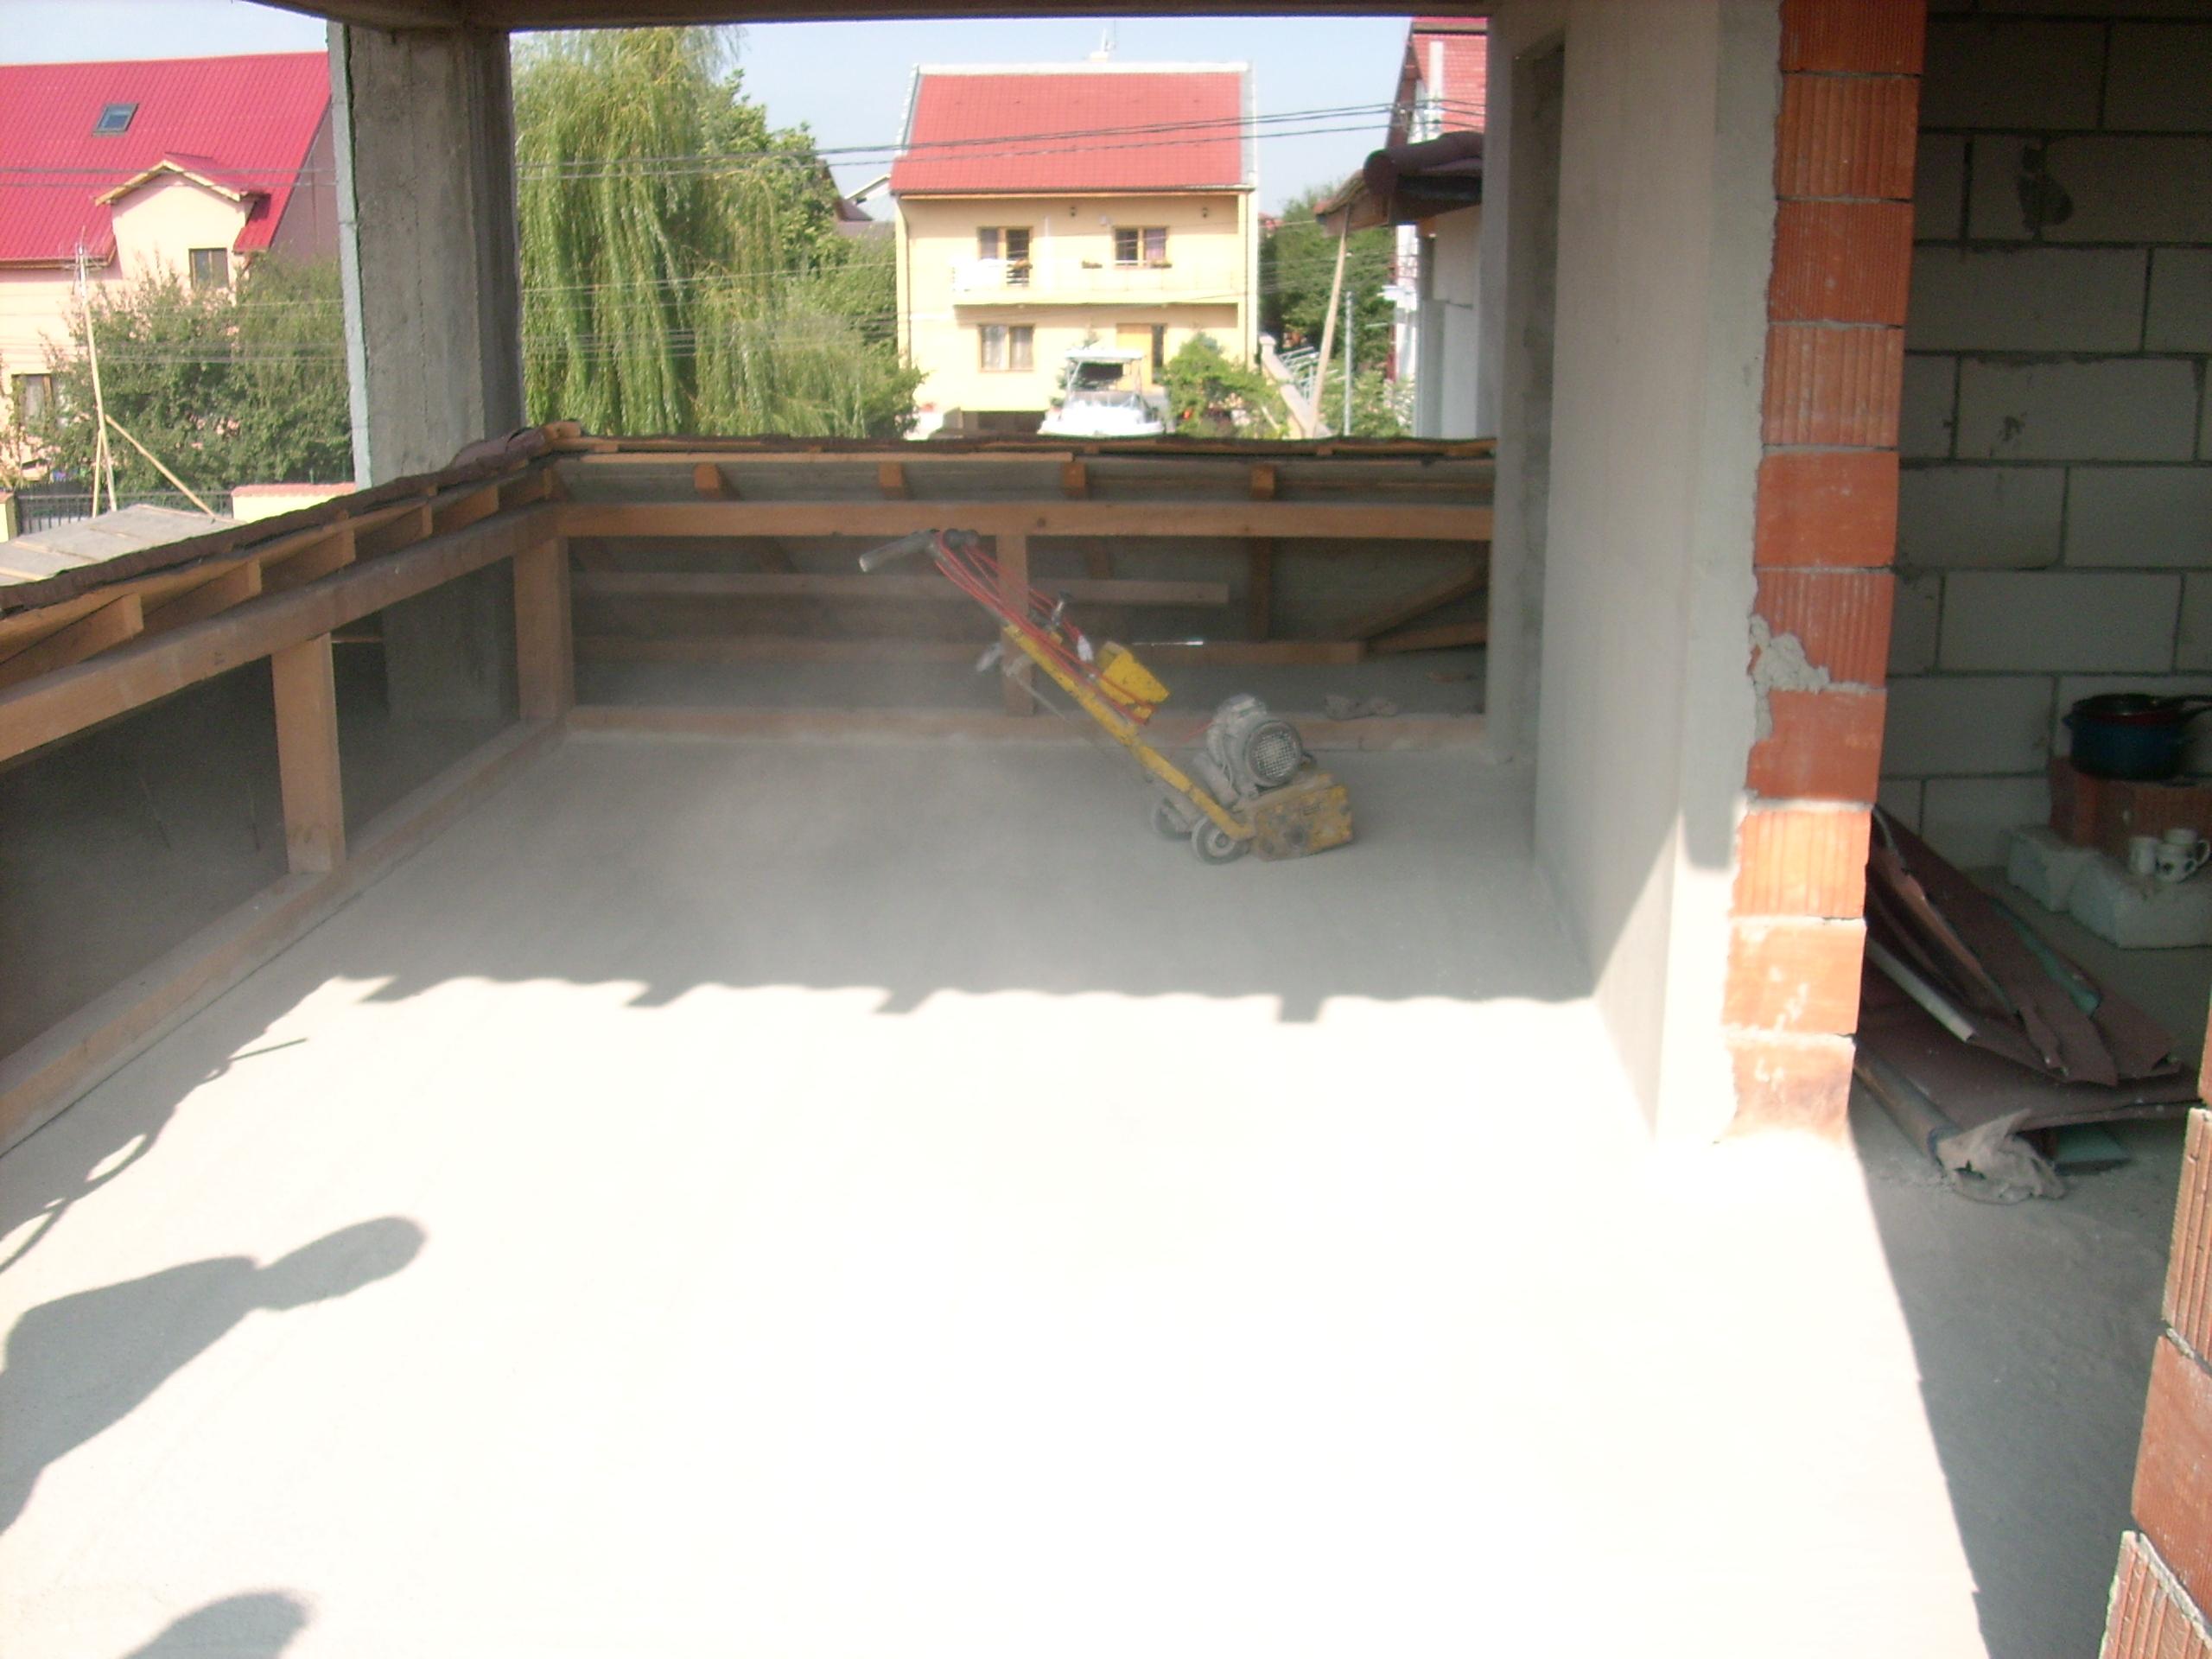 Aplicarea tratamentelor de impermeabilizare - Persoana privata - terasa UNICO PROFIT - Poza 46